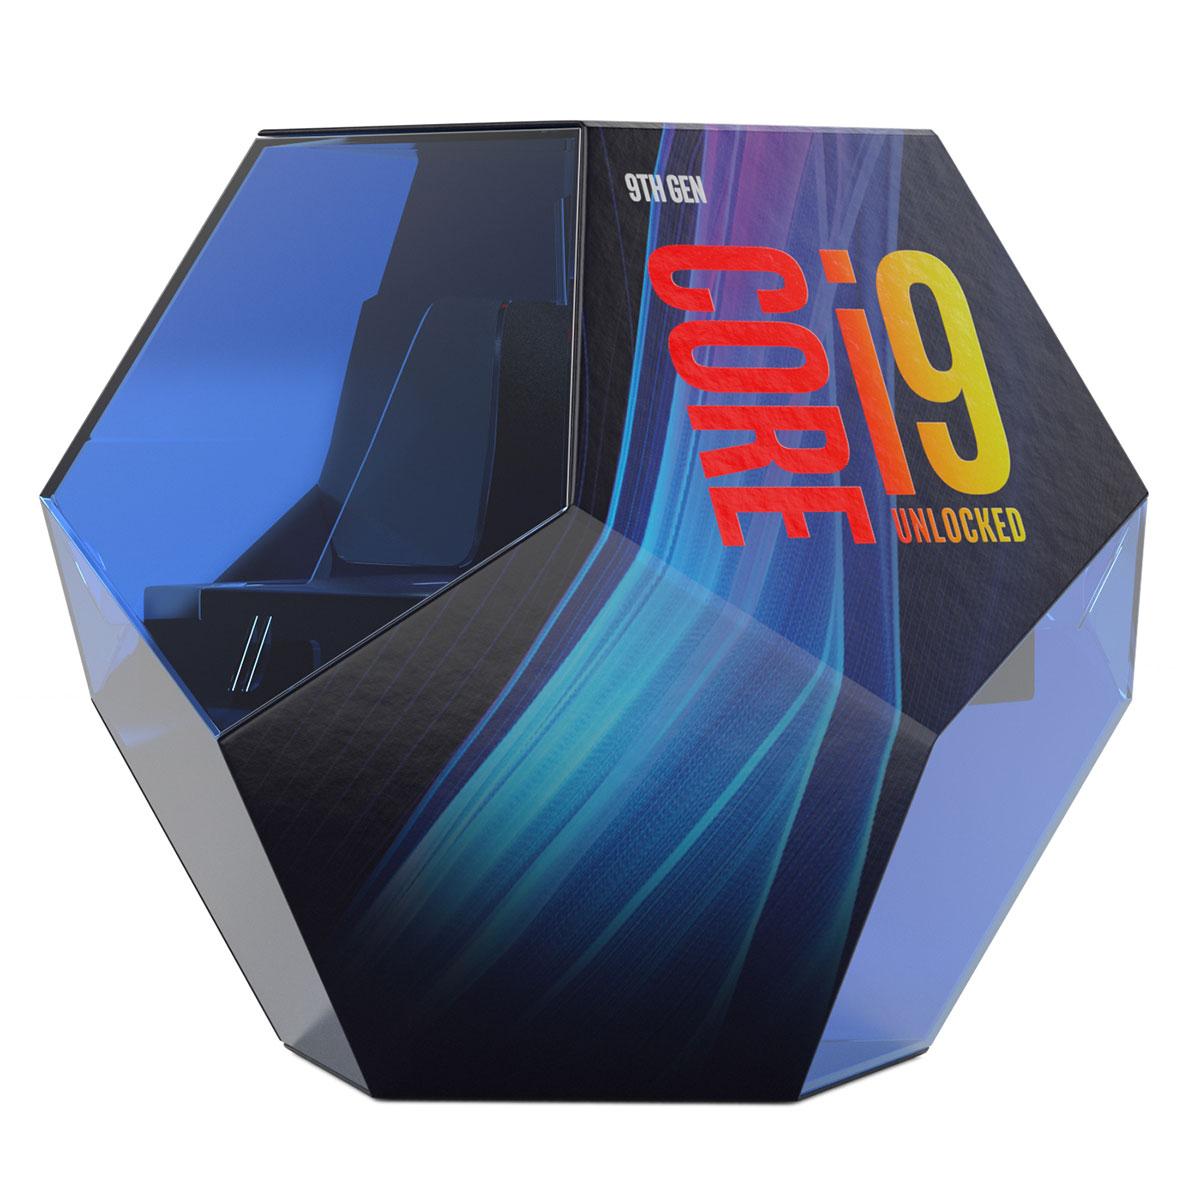 Intel Core i9-9900K - 3.6GHz - Processeur Intel - Cybertek.fr - 0